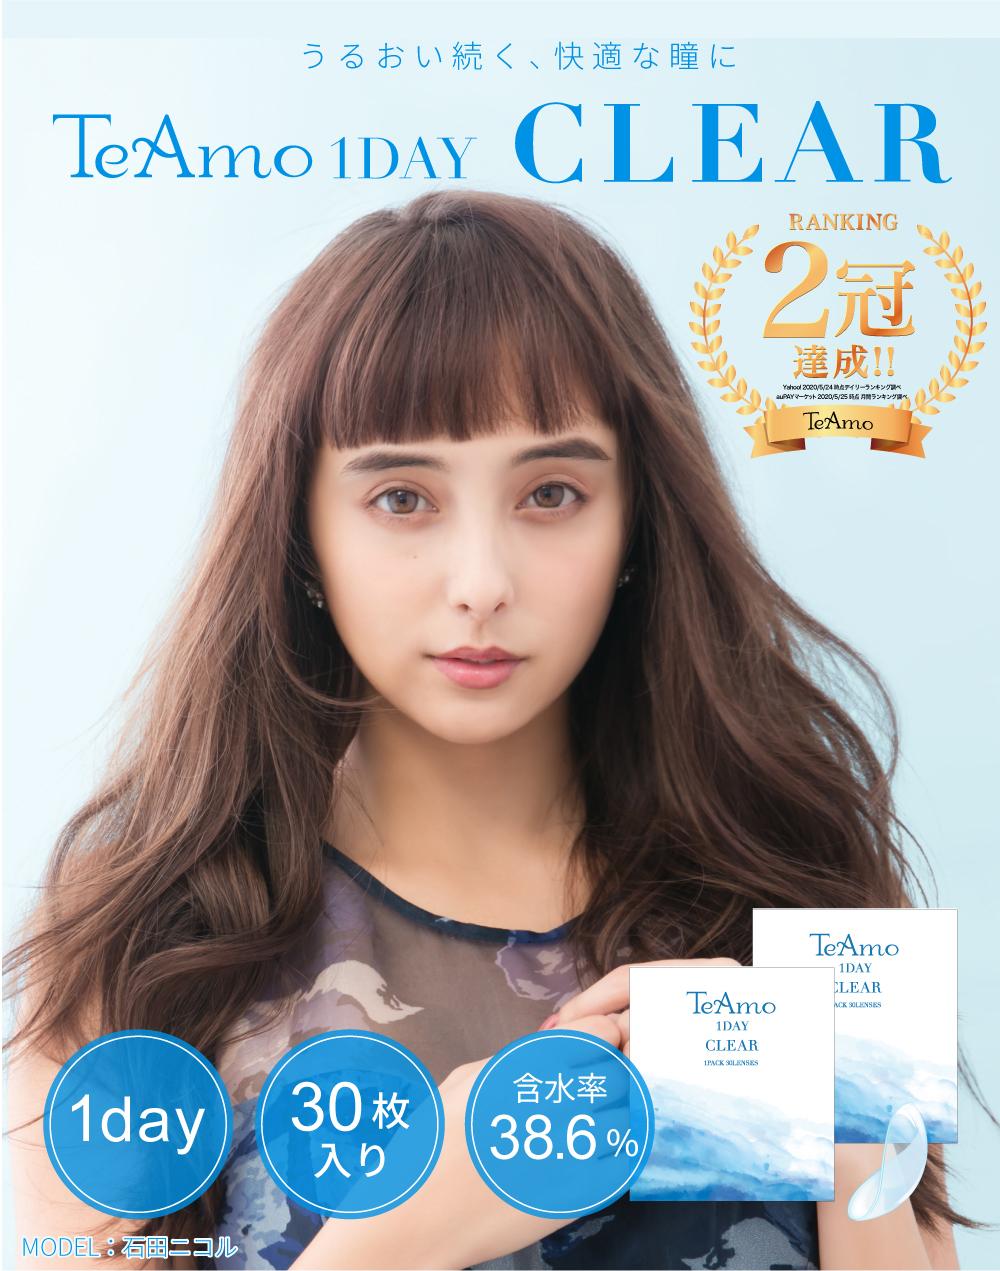 うるおい続く、快適な瞳に TeAmo1DAY CLEAR 1day 30枚入り 含水率38.6%